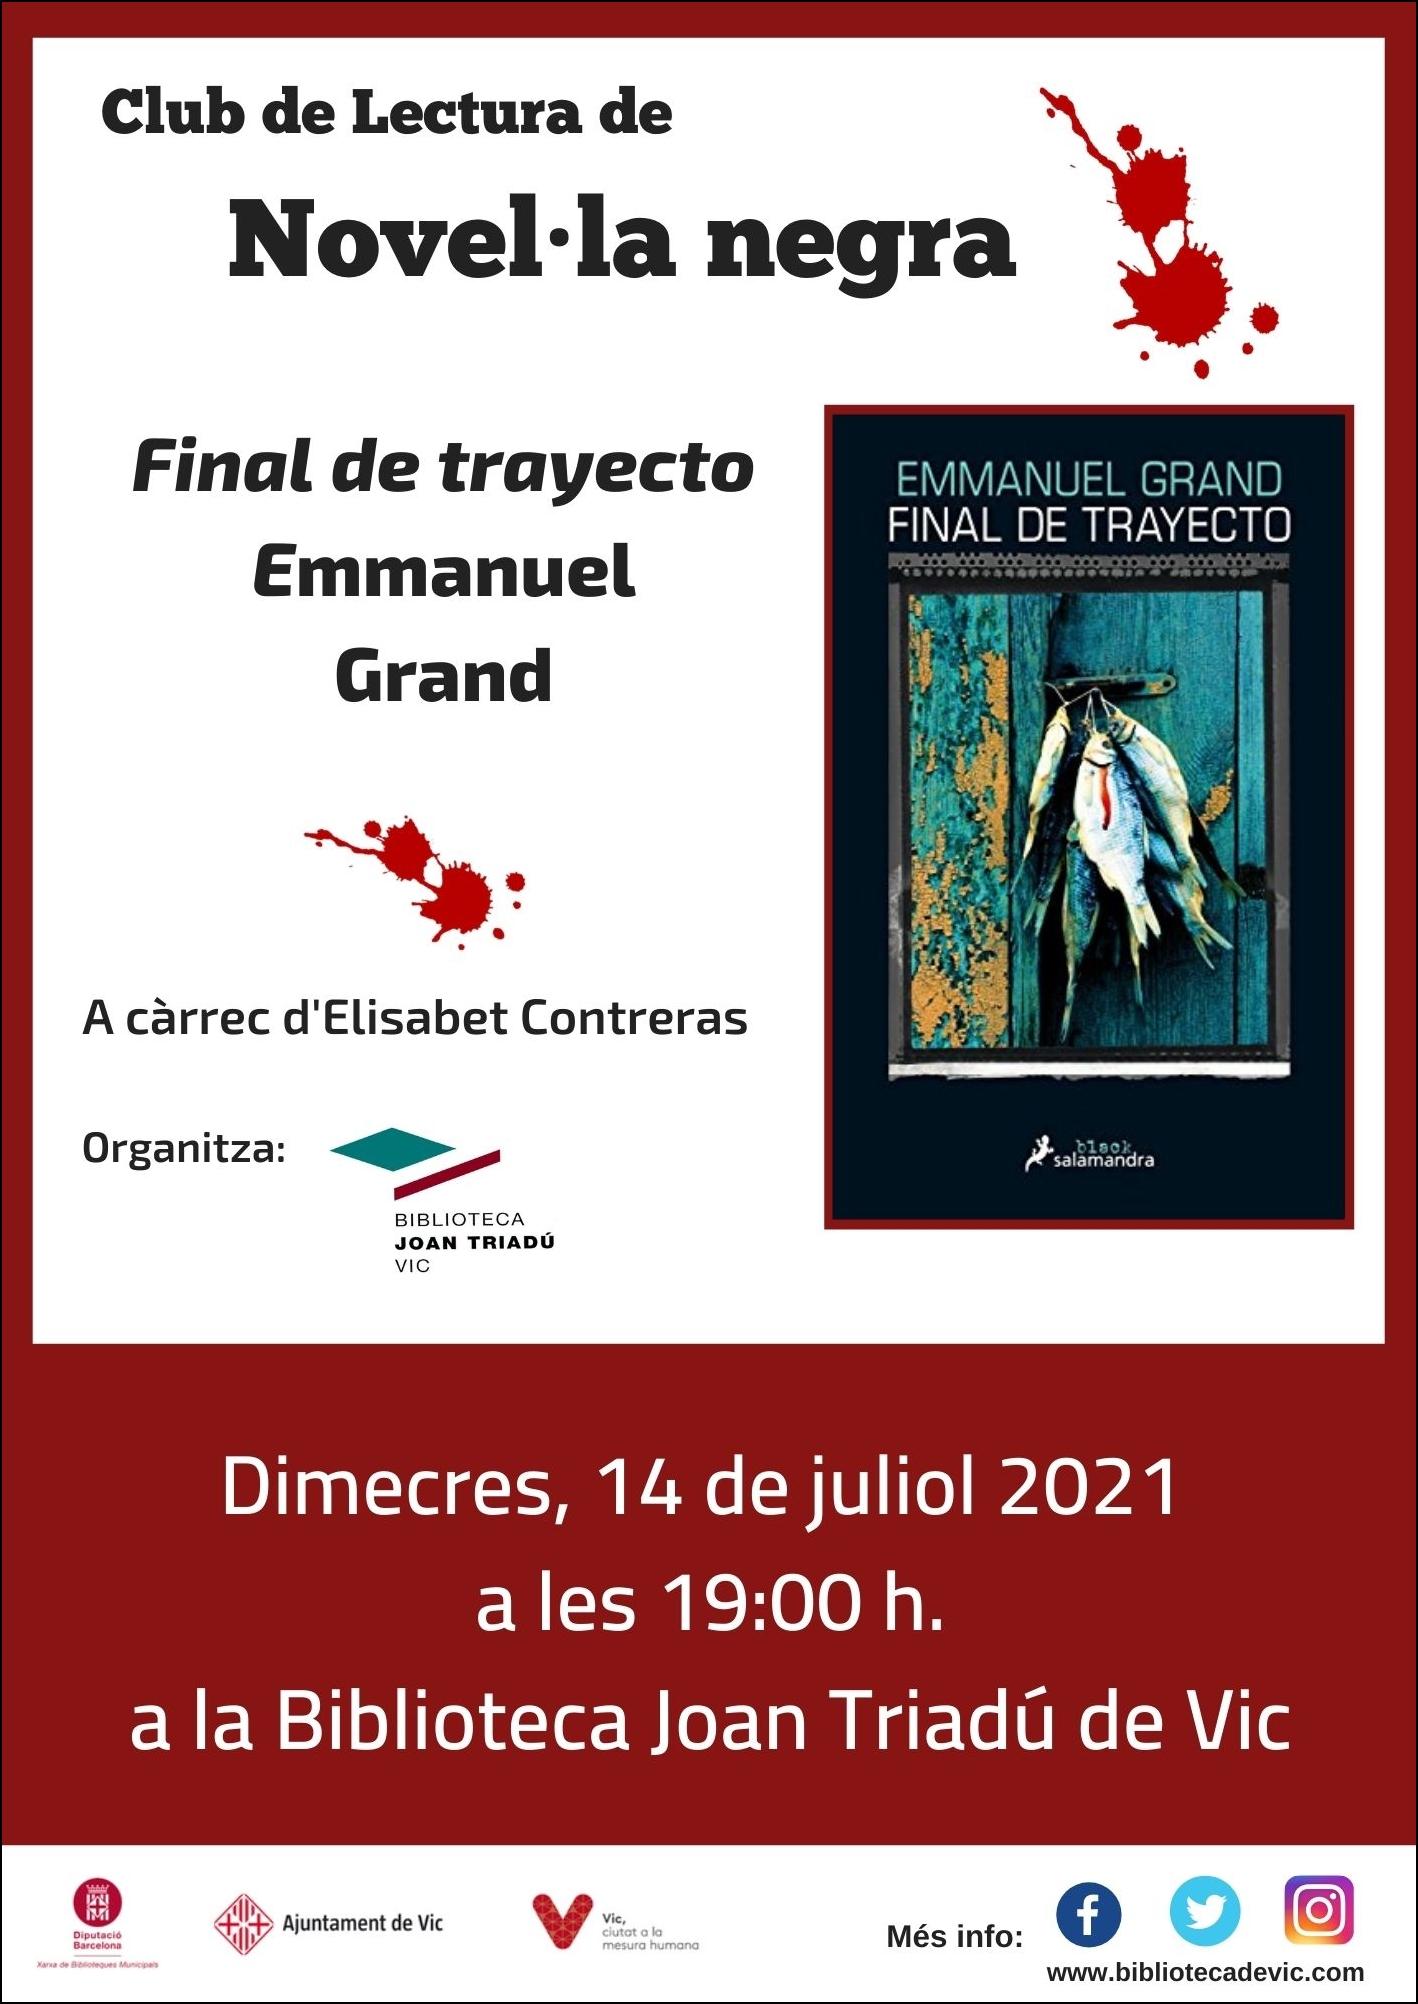 Club de lectura de novel·la negra: Final de trayecto d'Emmanuel Grand